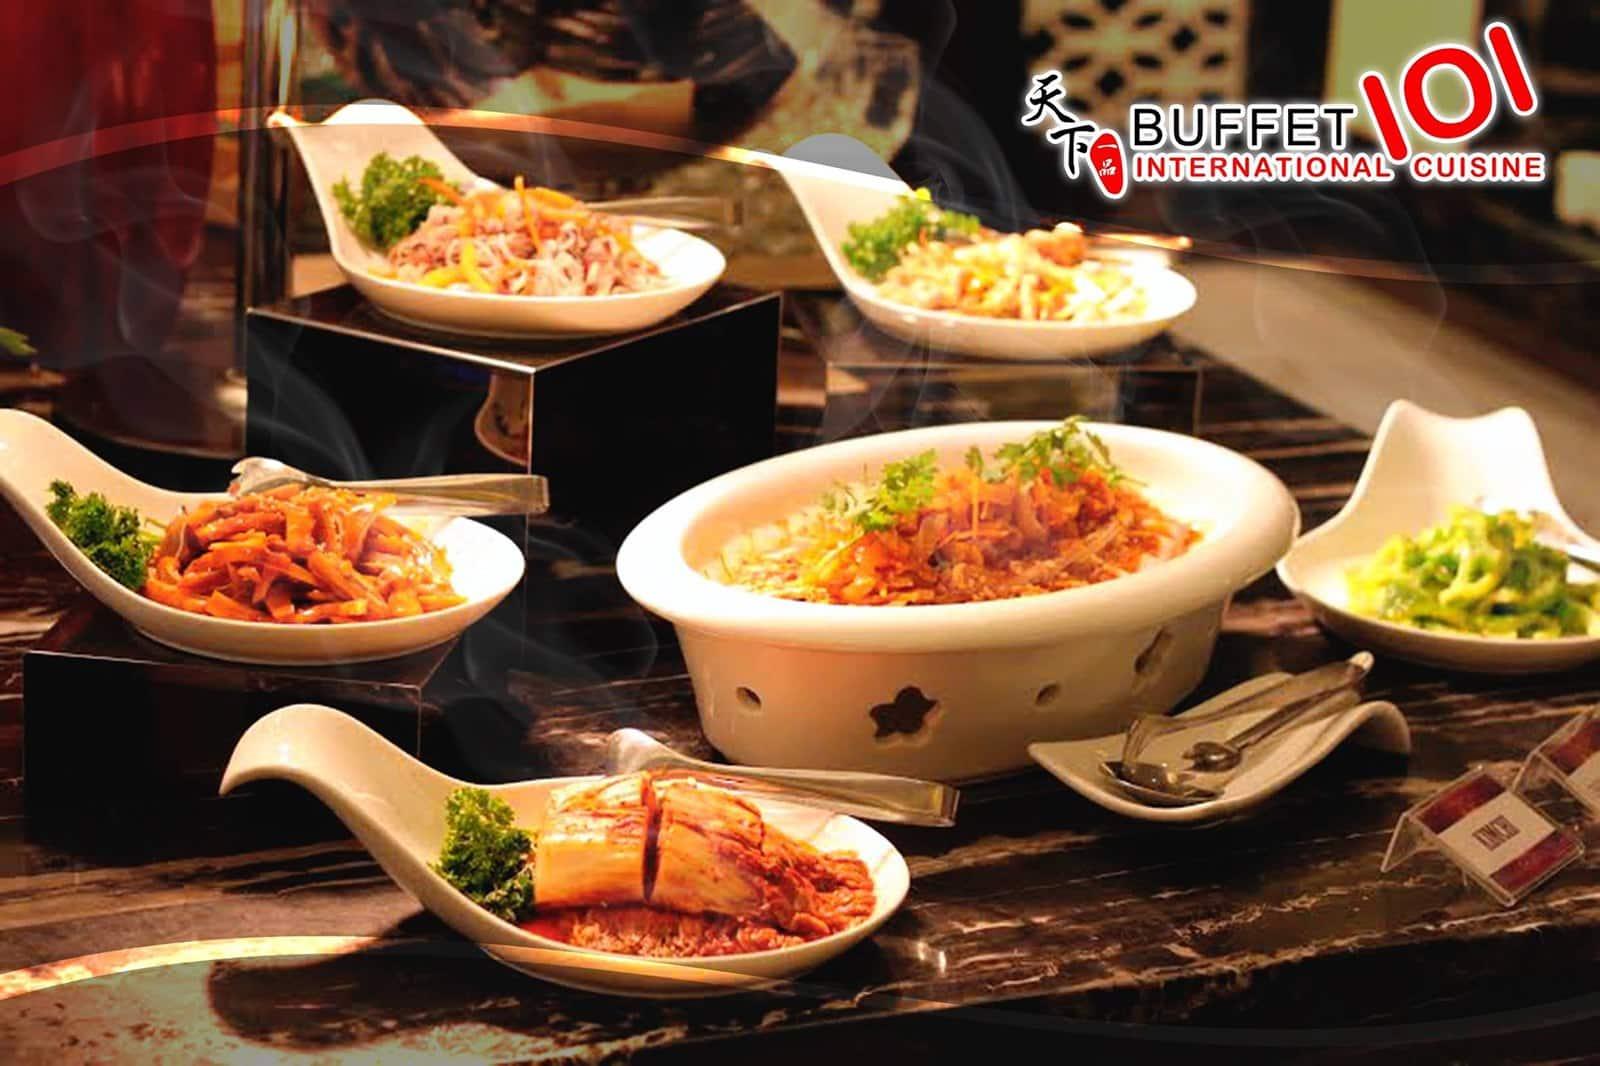 buffet 101 alabang muntinlupa city zomato philippines rh zomato com